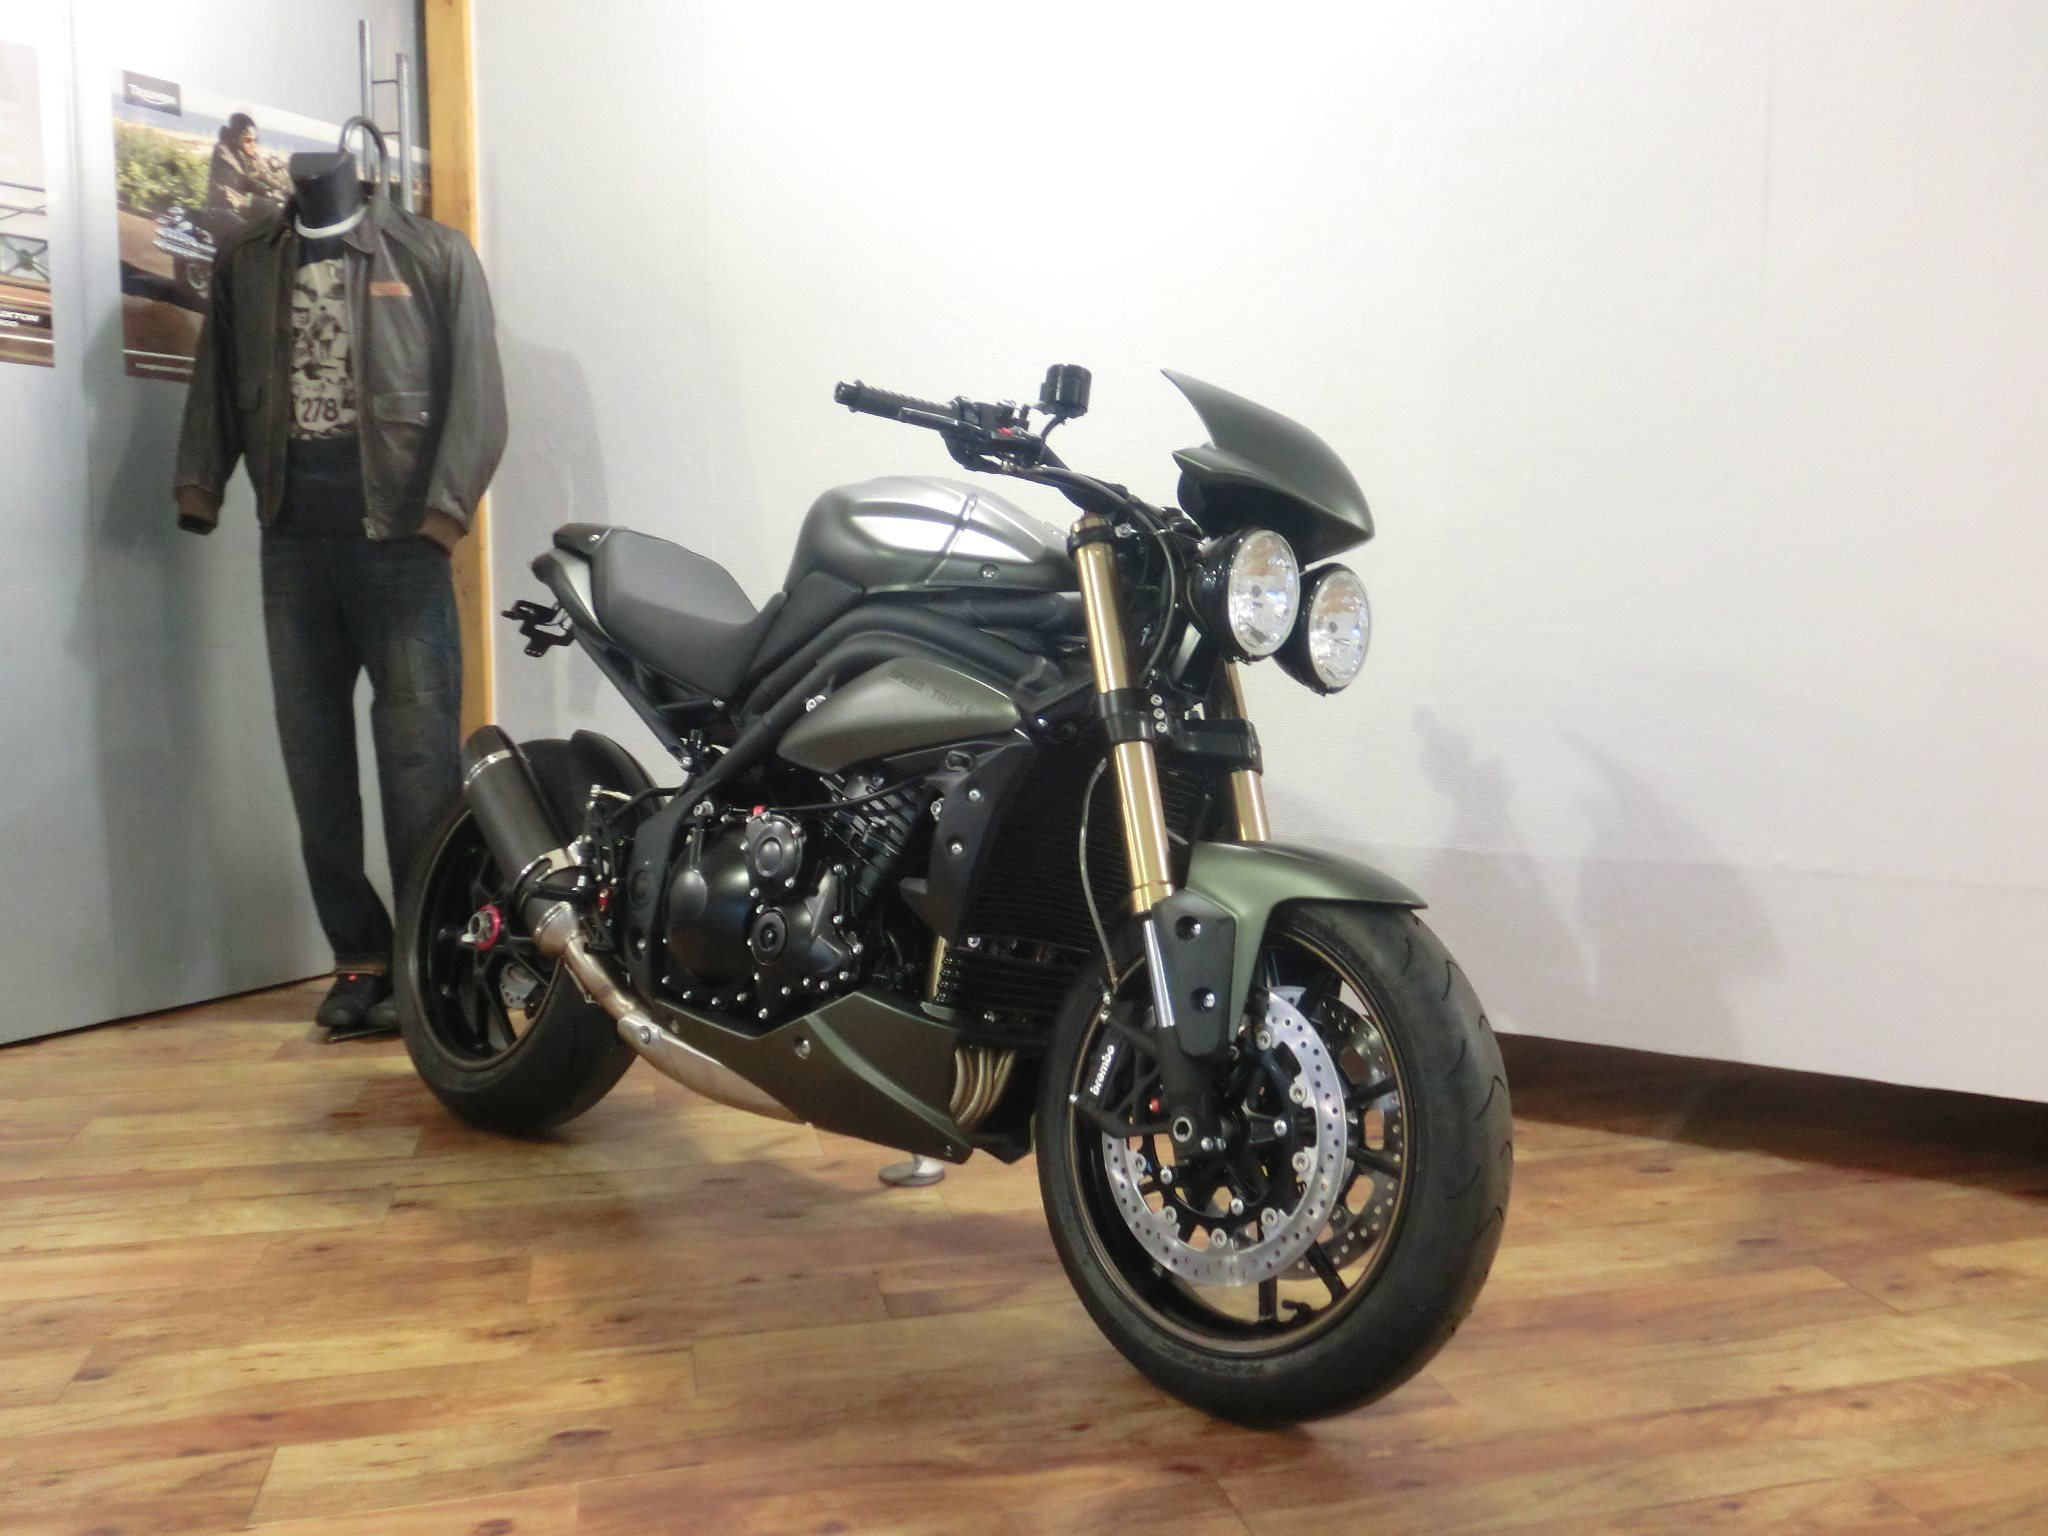 umgebautes motorrad triumph speed triple 1050 von triumph retail gmbh niederlassung dortmund. Black Bedroom Furniture Sets. Home Design Ideas